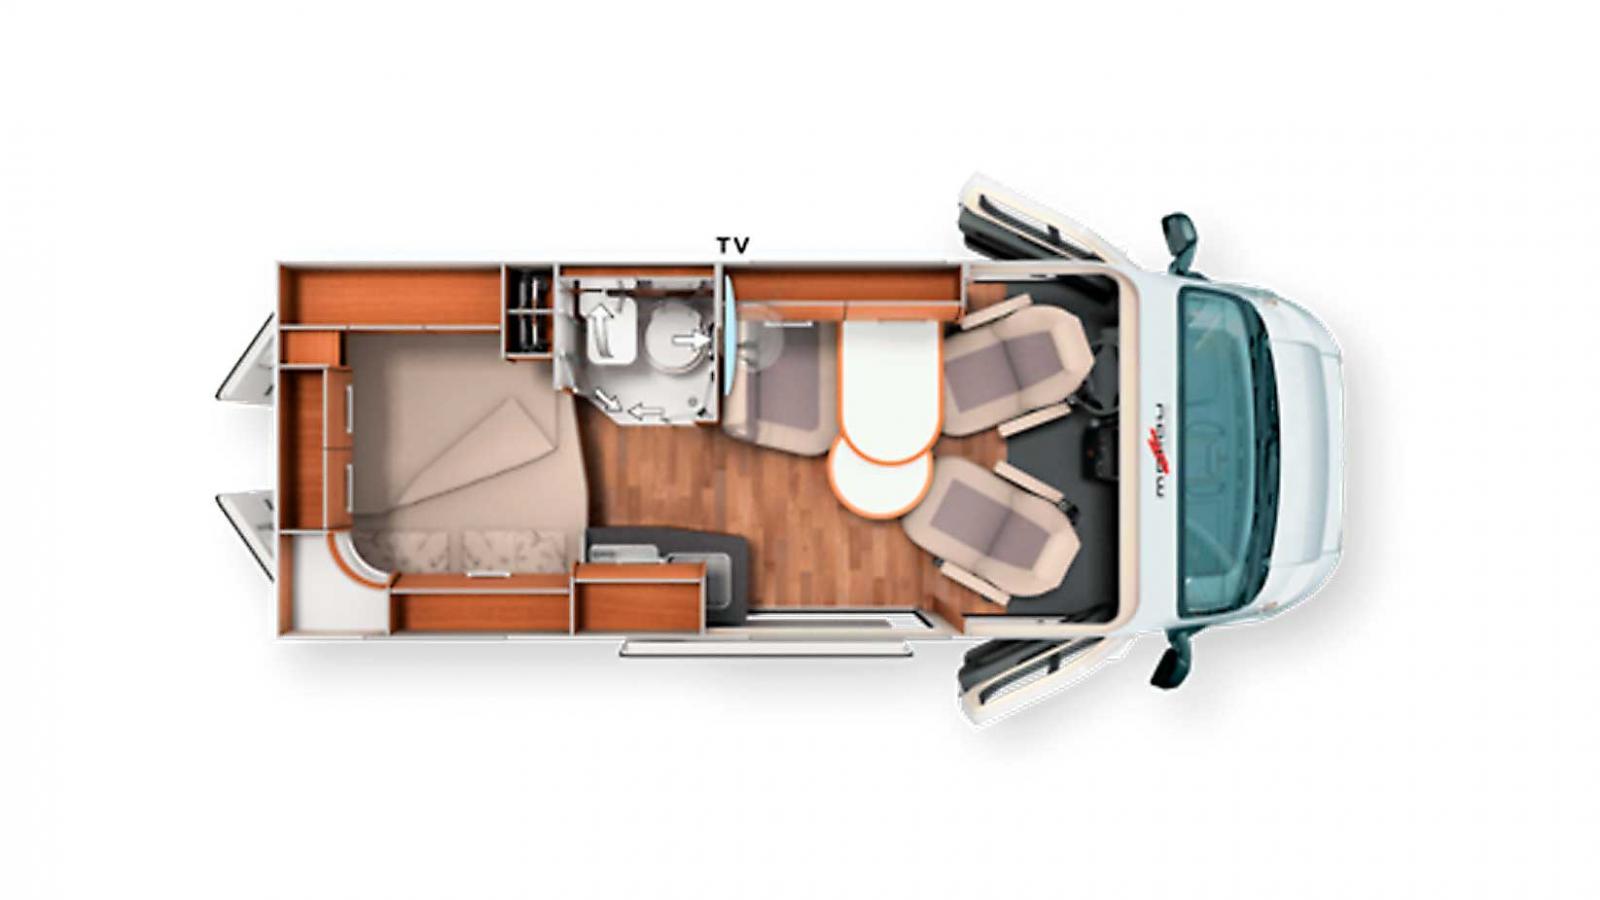 Korta Malibu 540 har golvplacerad kyl och ett mindre badrum. Klädhängare ovanför sängen.